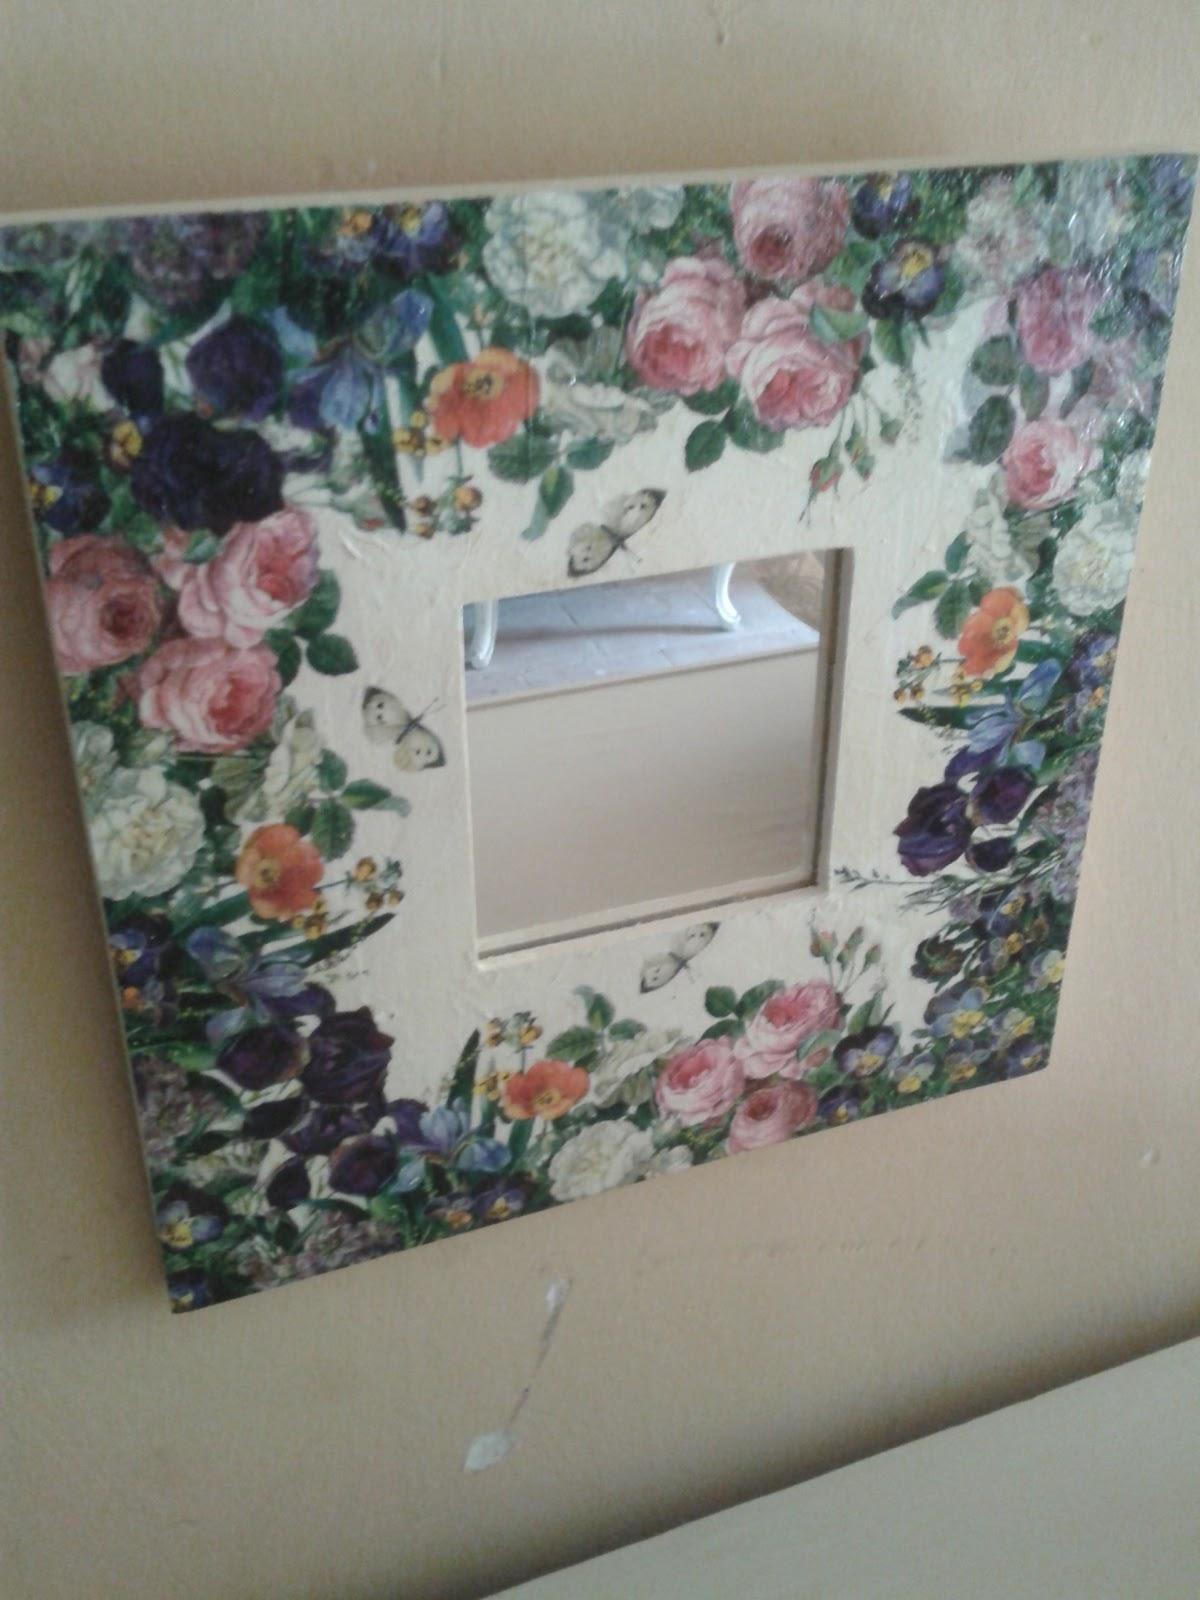 Malma del ikea con decoupage aprender manualidades es for Decoupage con servilletas en muebles